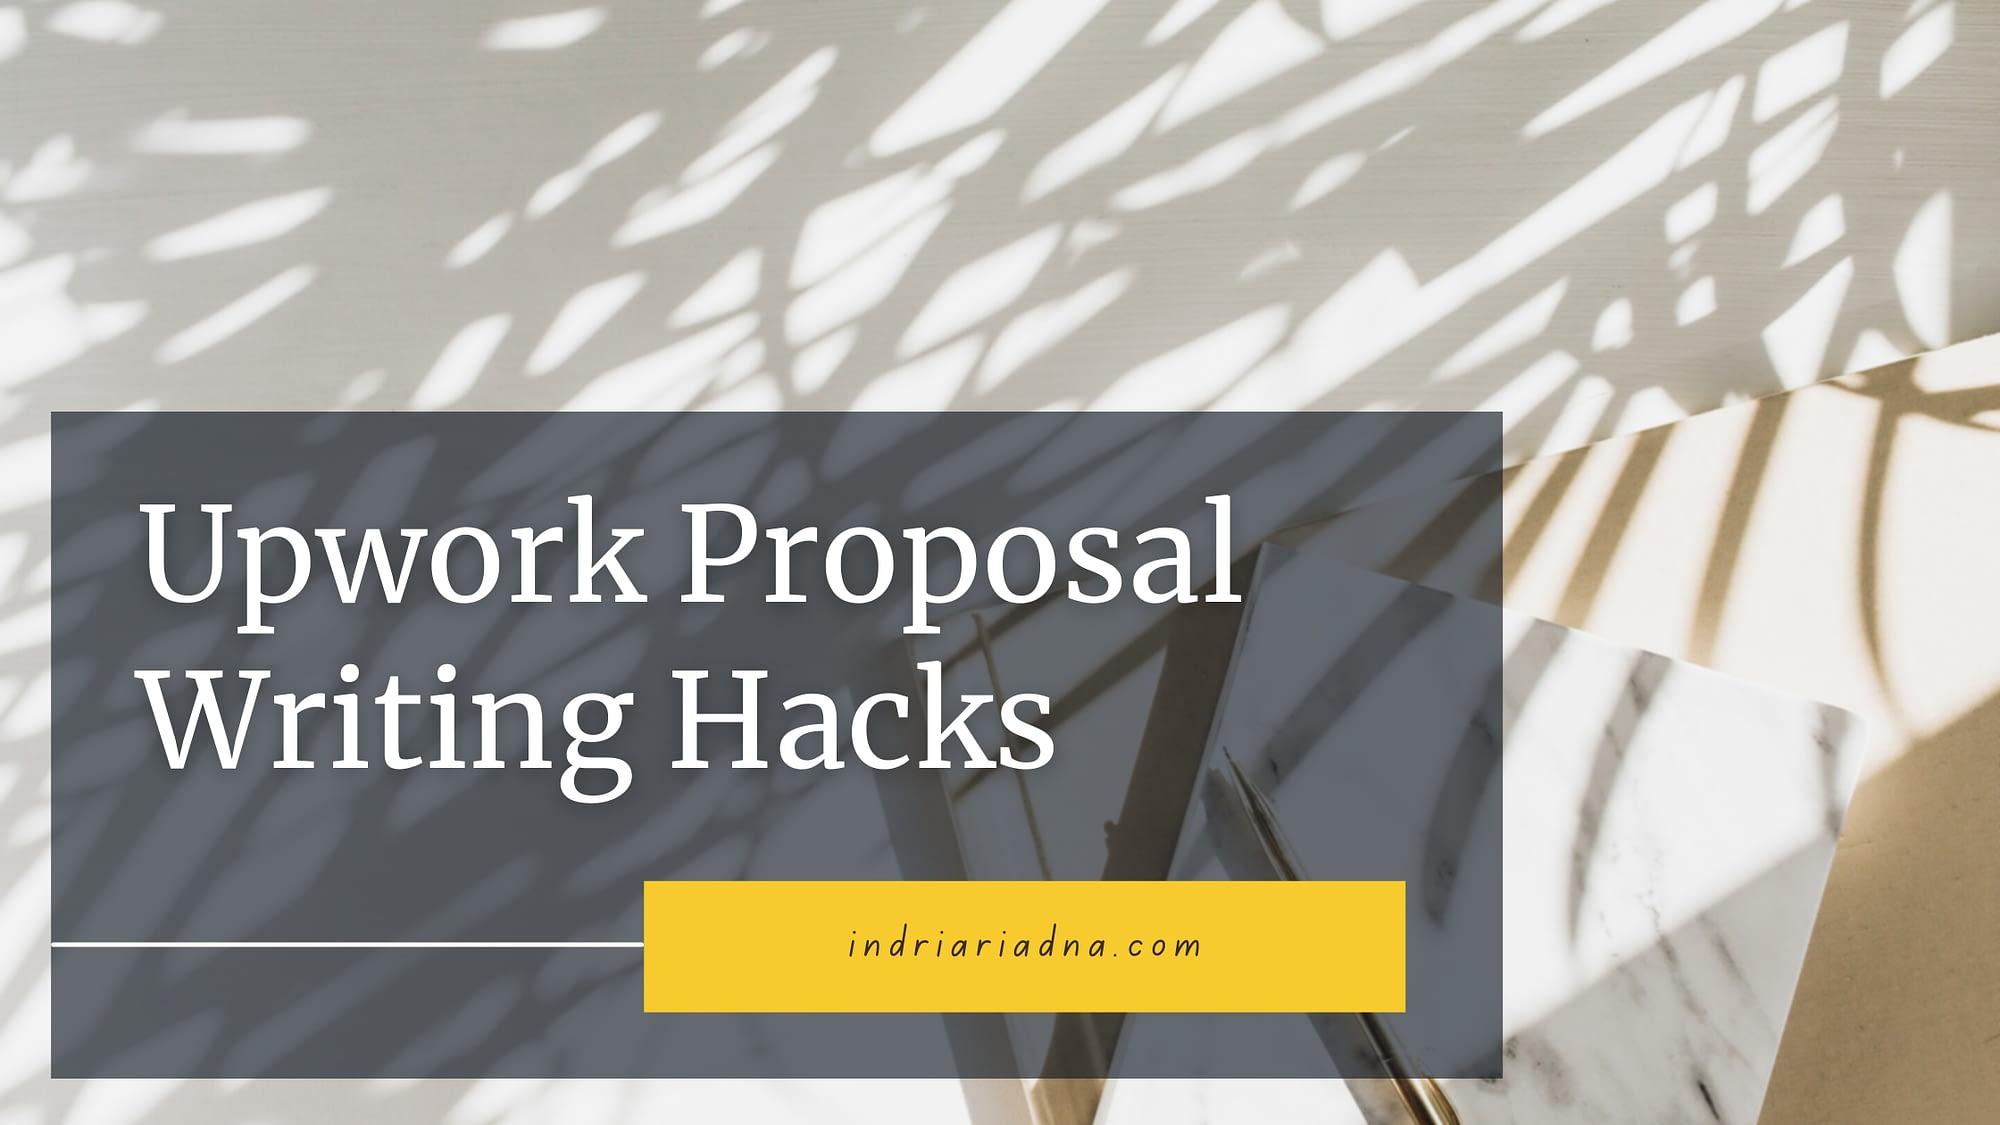 upwork proposal writing hacks